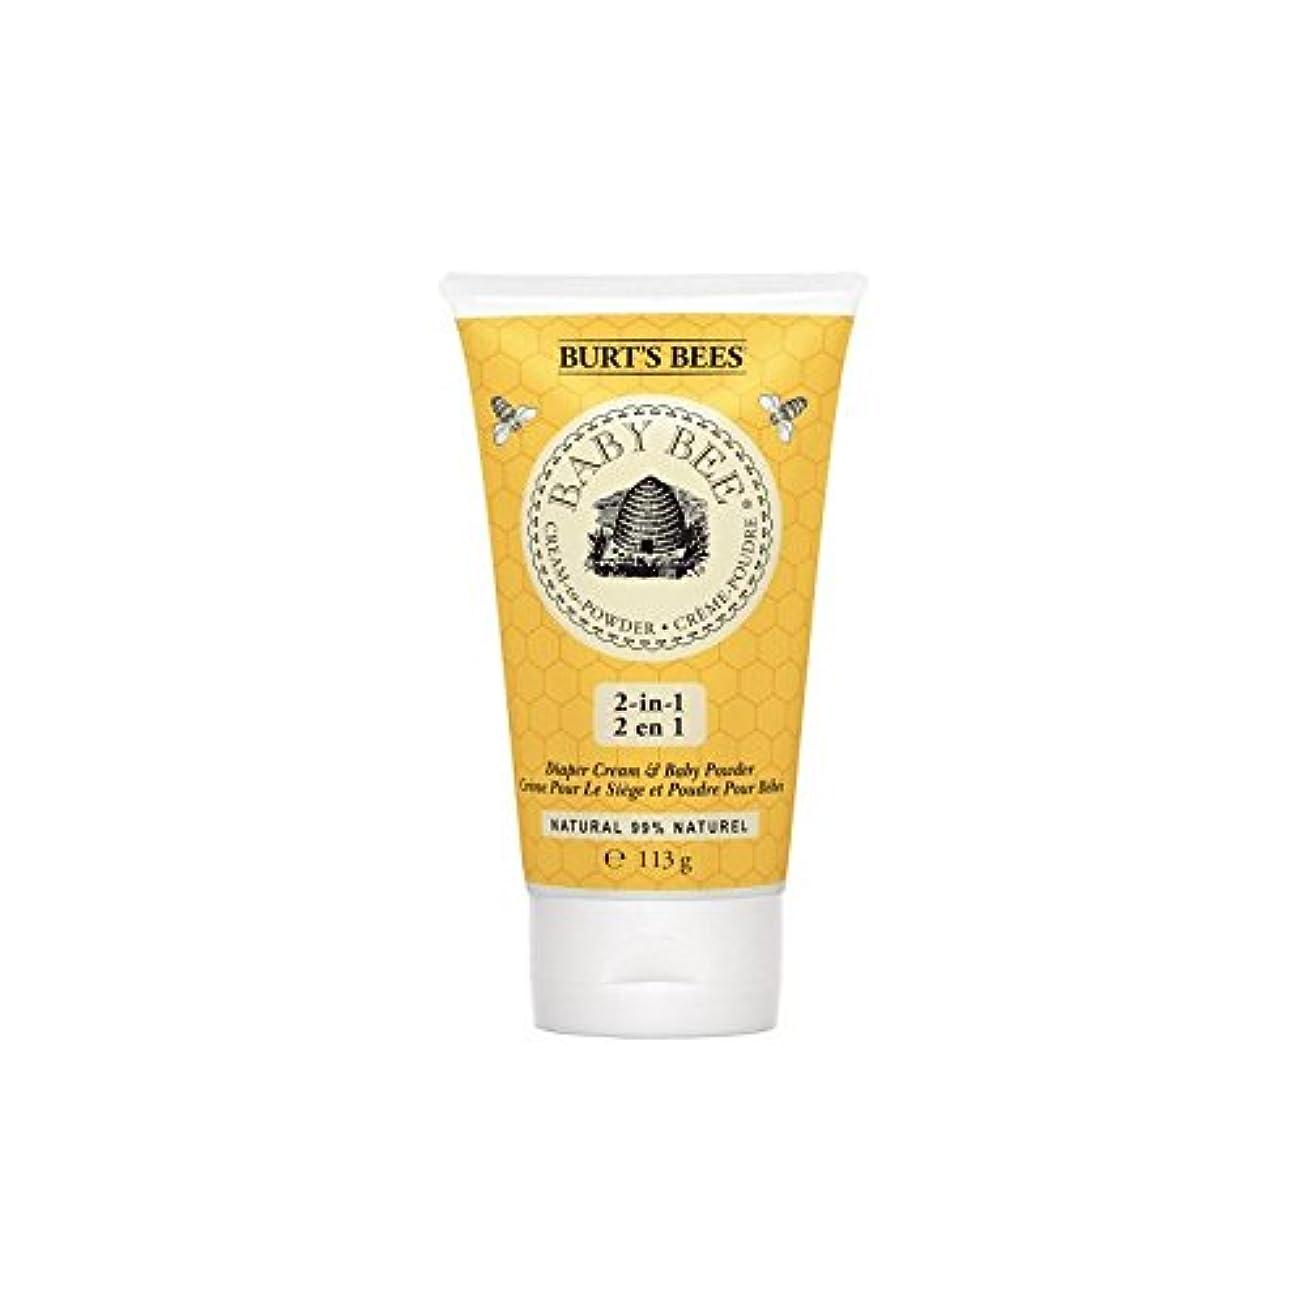 粉末にバーツビークリーム x4 - Burt's Bees Cream to Powder (Pack of 4) [並行輸入品]